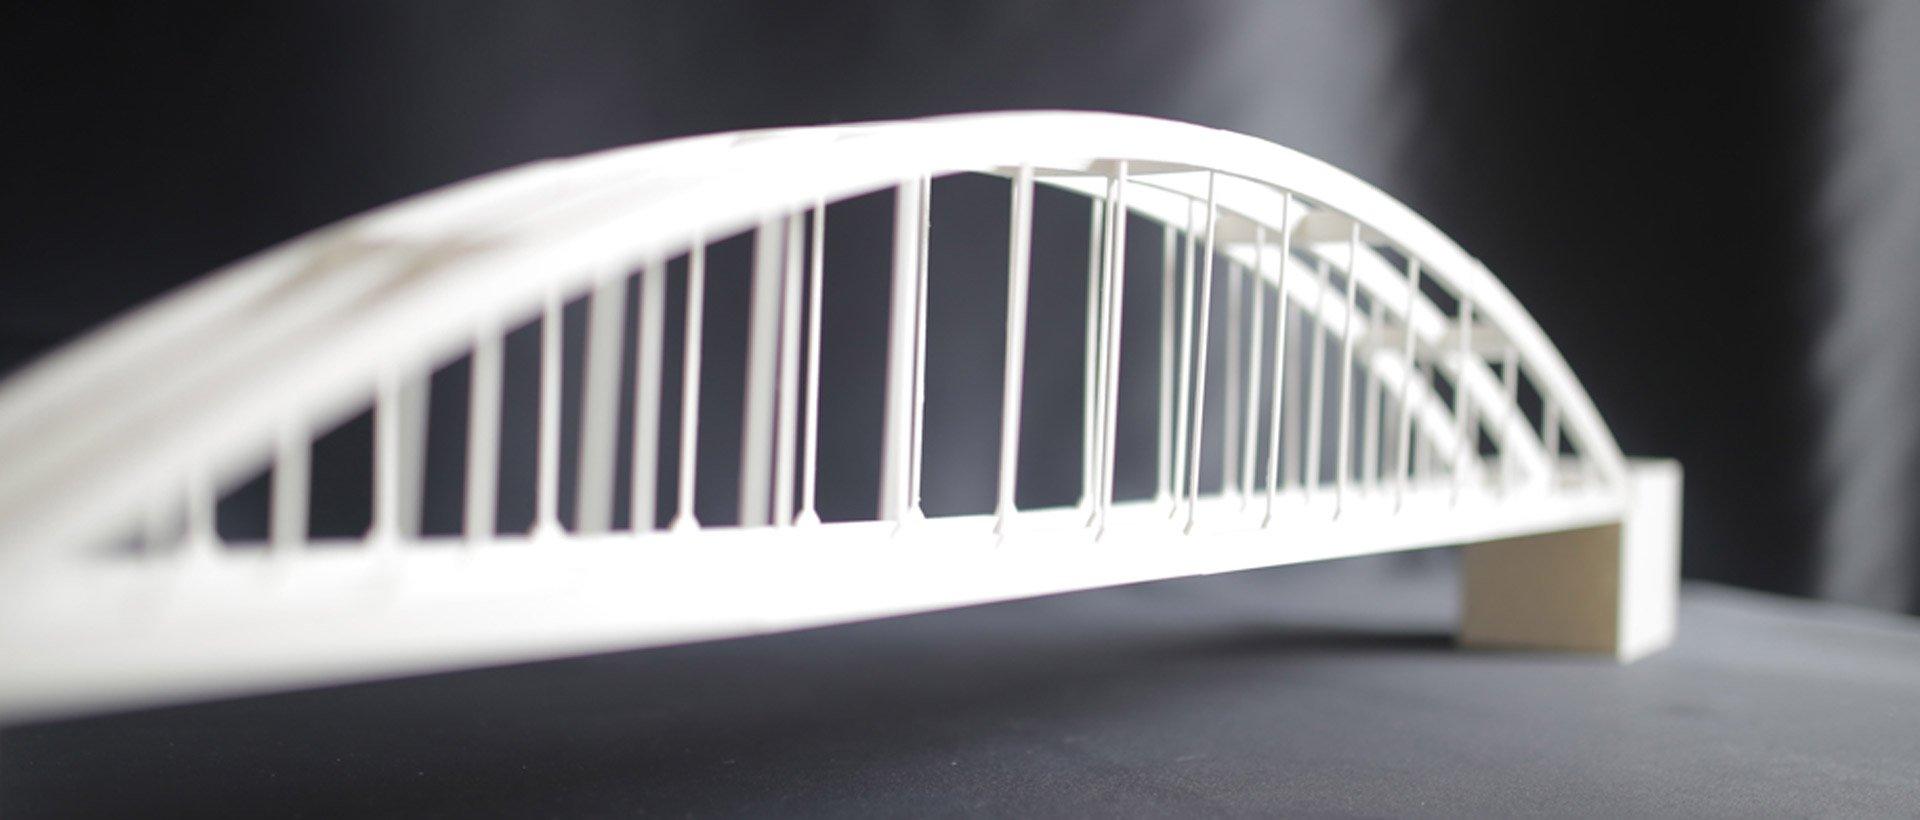 3D-printed-bridge